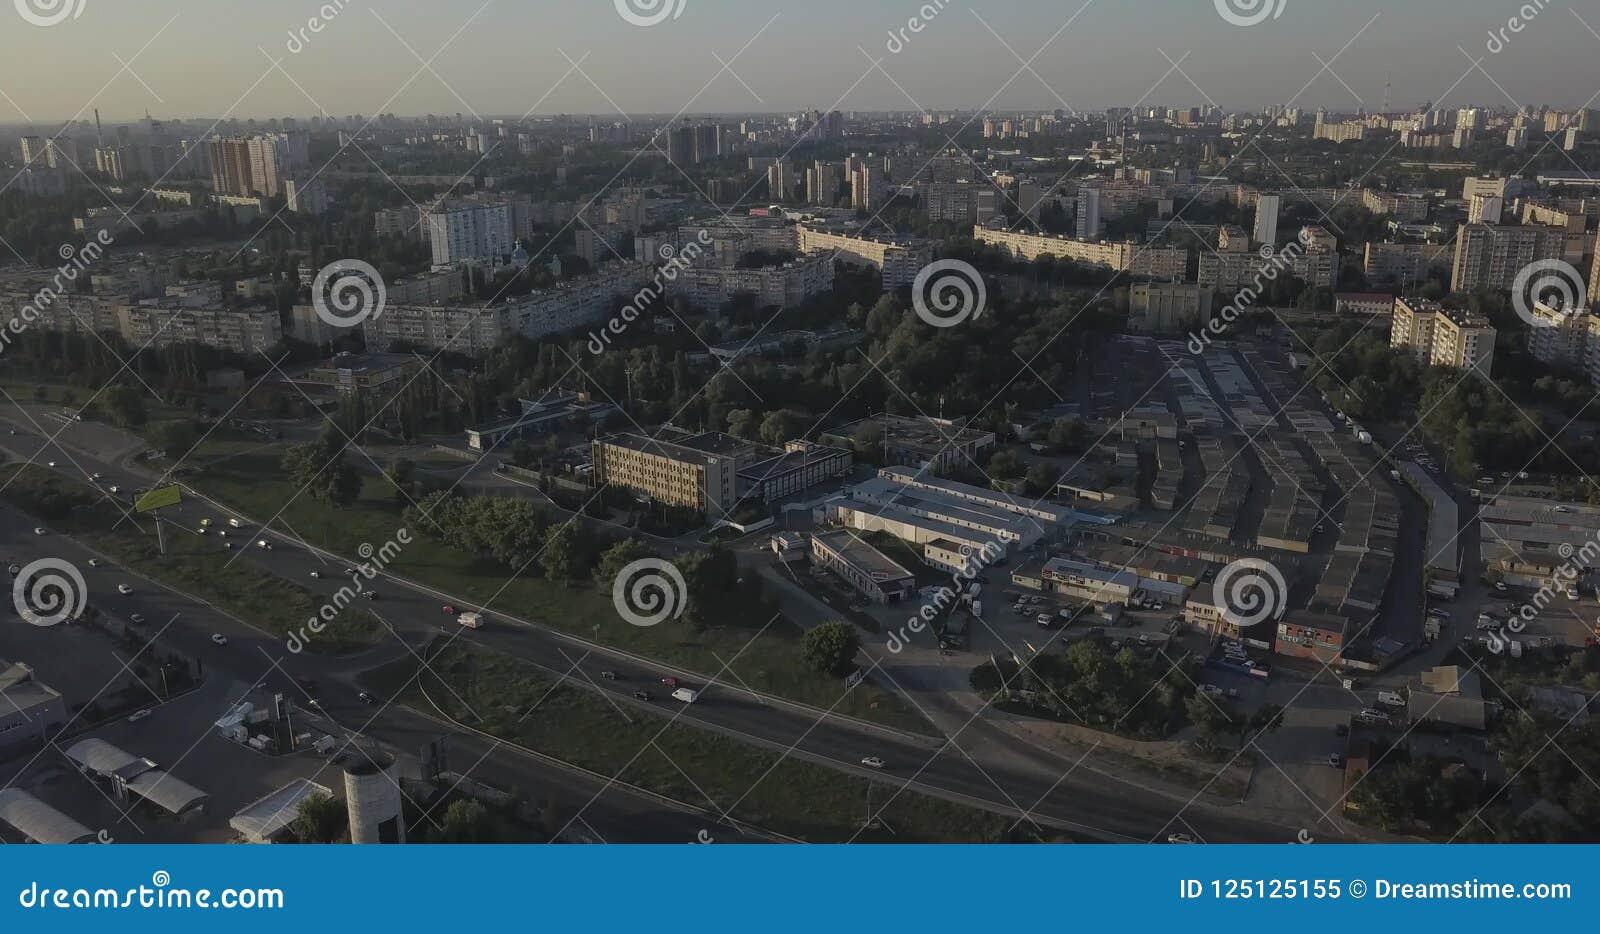 Ariel view of houses in Ukraine 4k 4096 x 2160 pixels  Building, cityscape